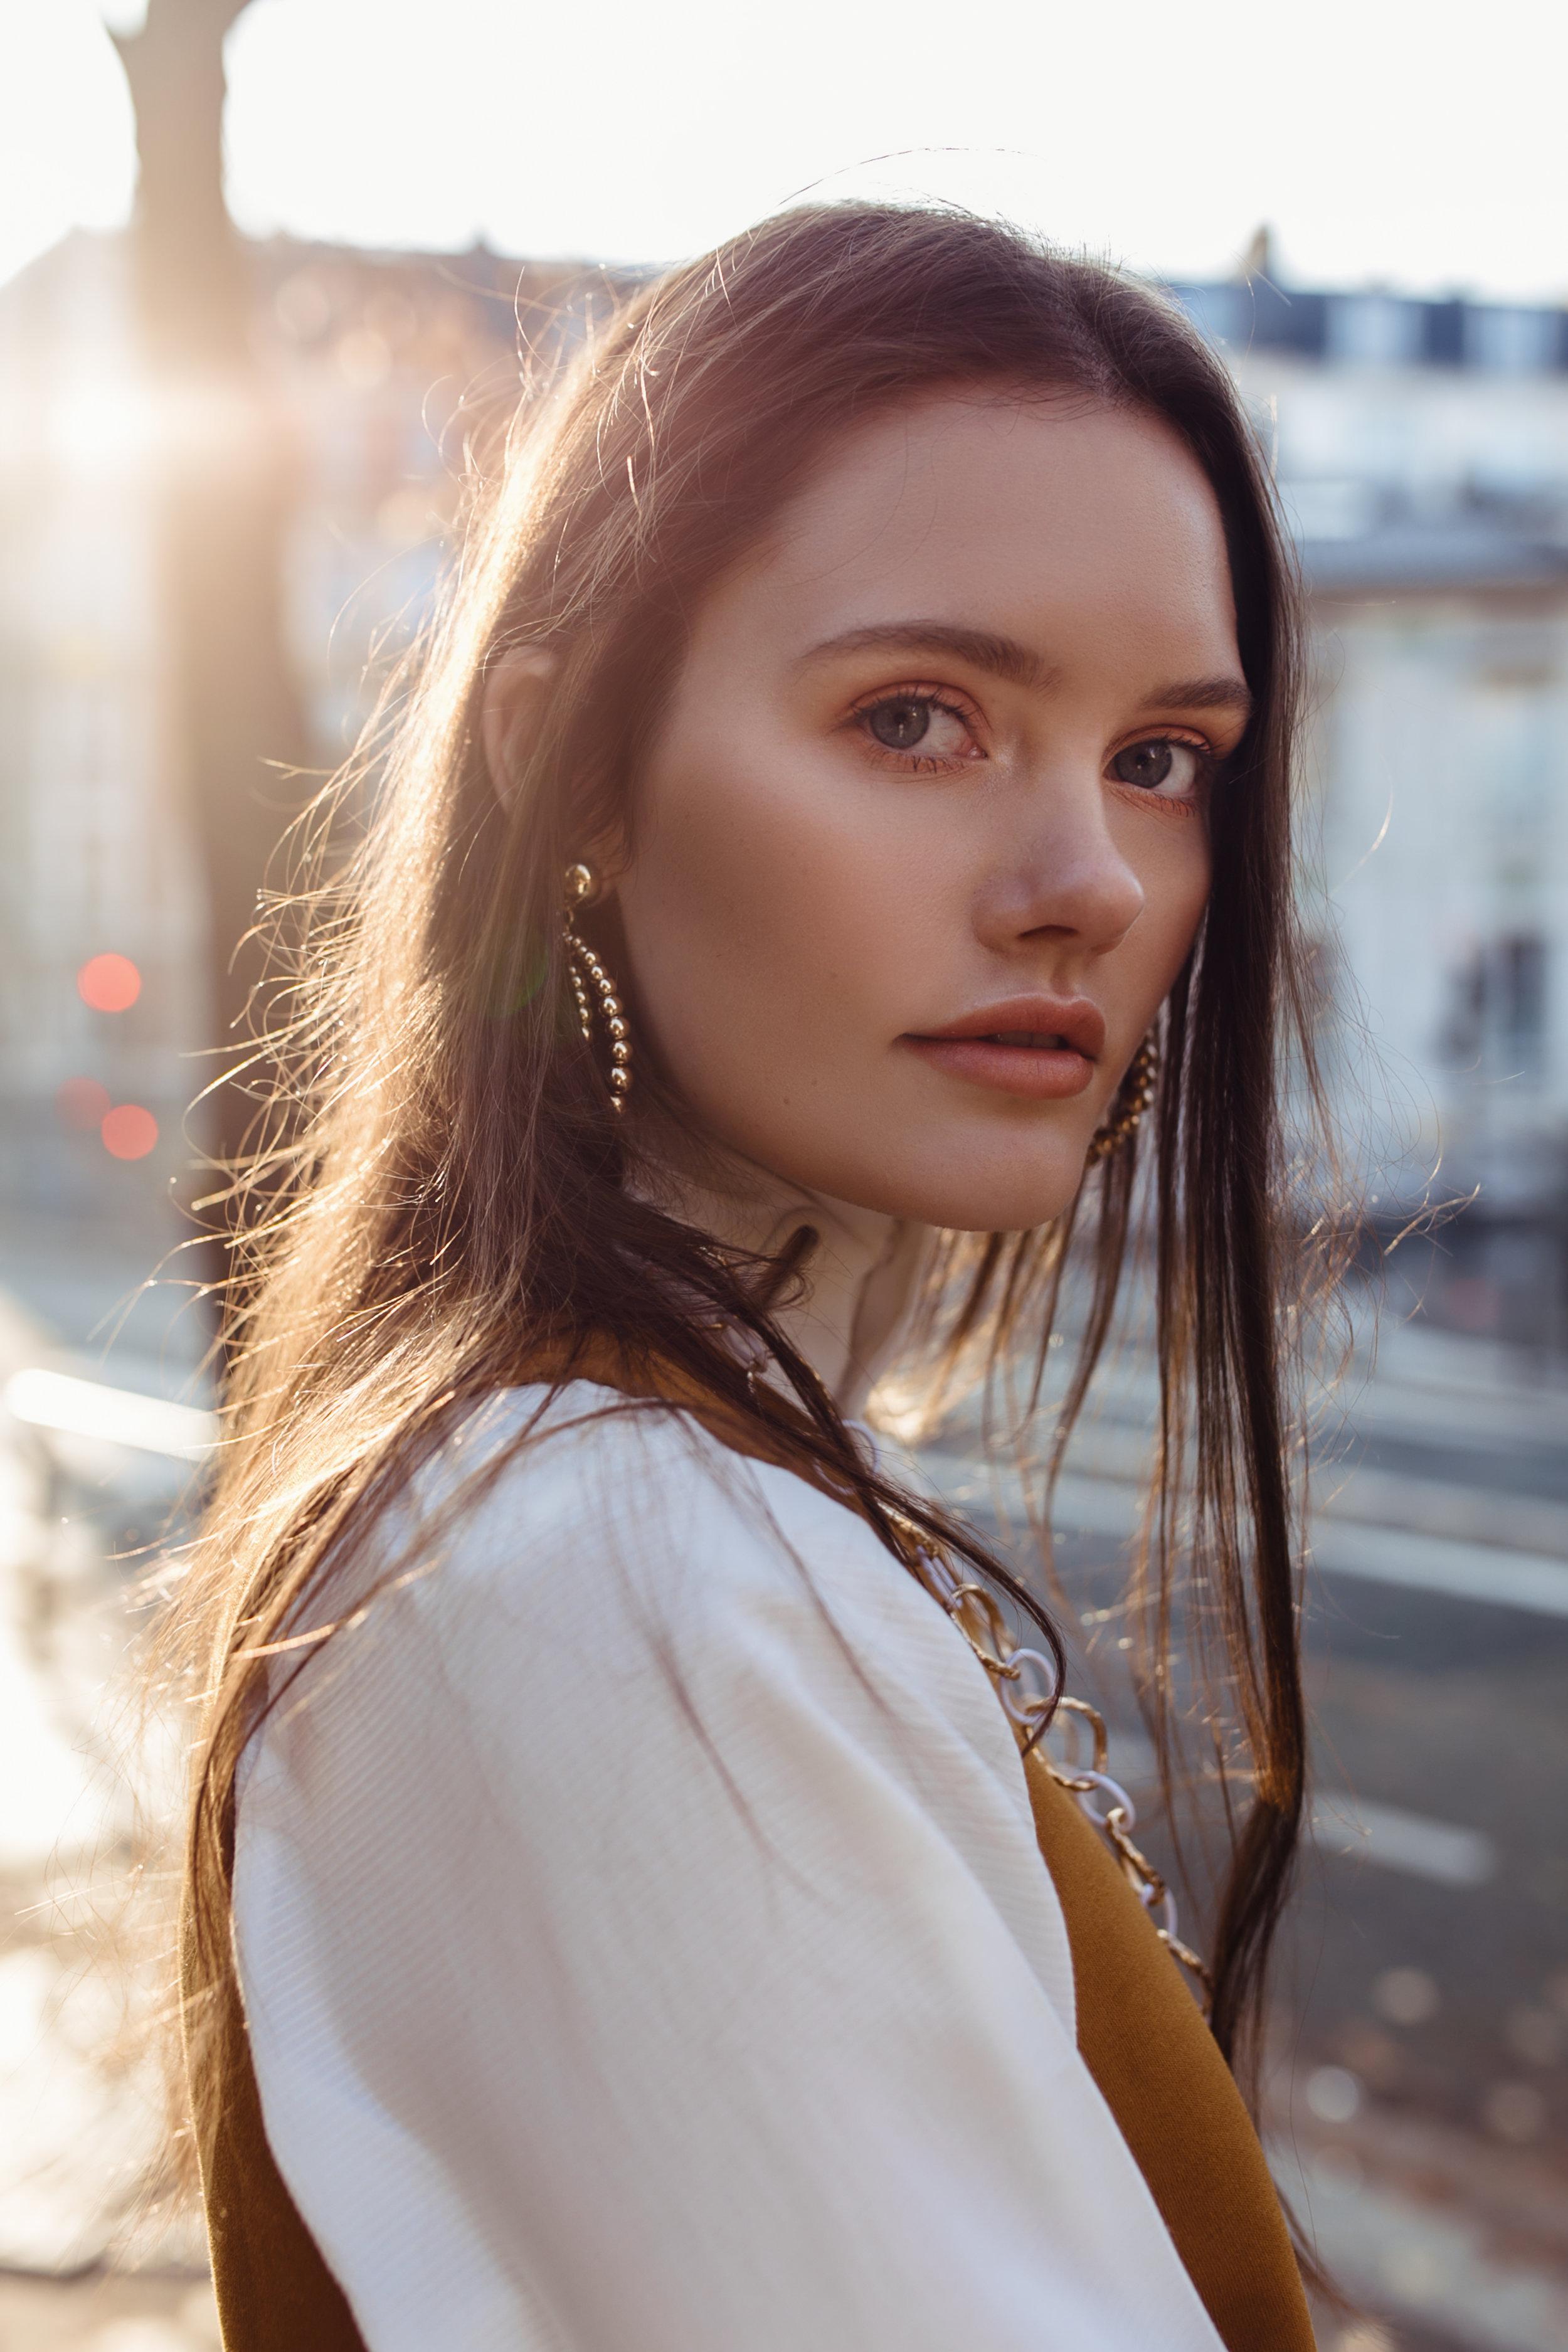 Lavinia-Mademoiselle-Test-2.jpg